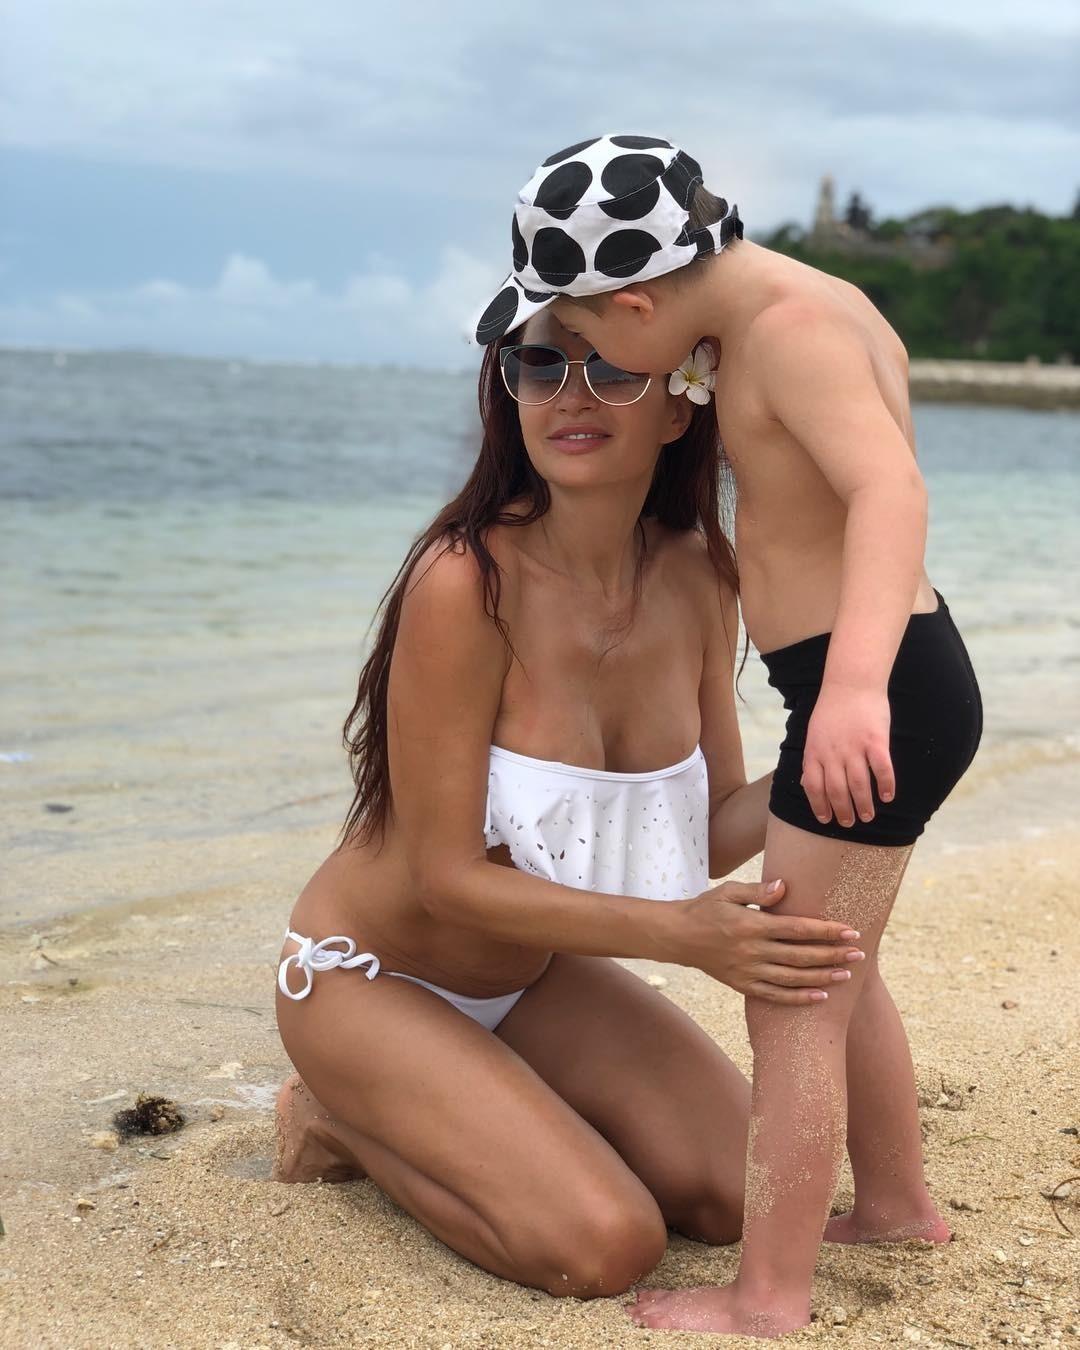 Сколько дней Эвелина Бледанс пробудет на сказочном острове, неизвестно. Пока артистка наслаждается теплой погодой и проводит время с сыном. Под одним из снимков она процитировала слова Ан...